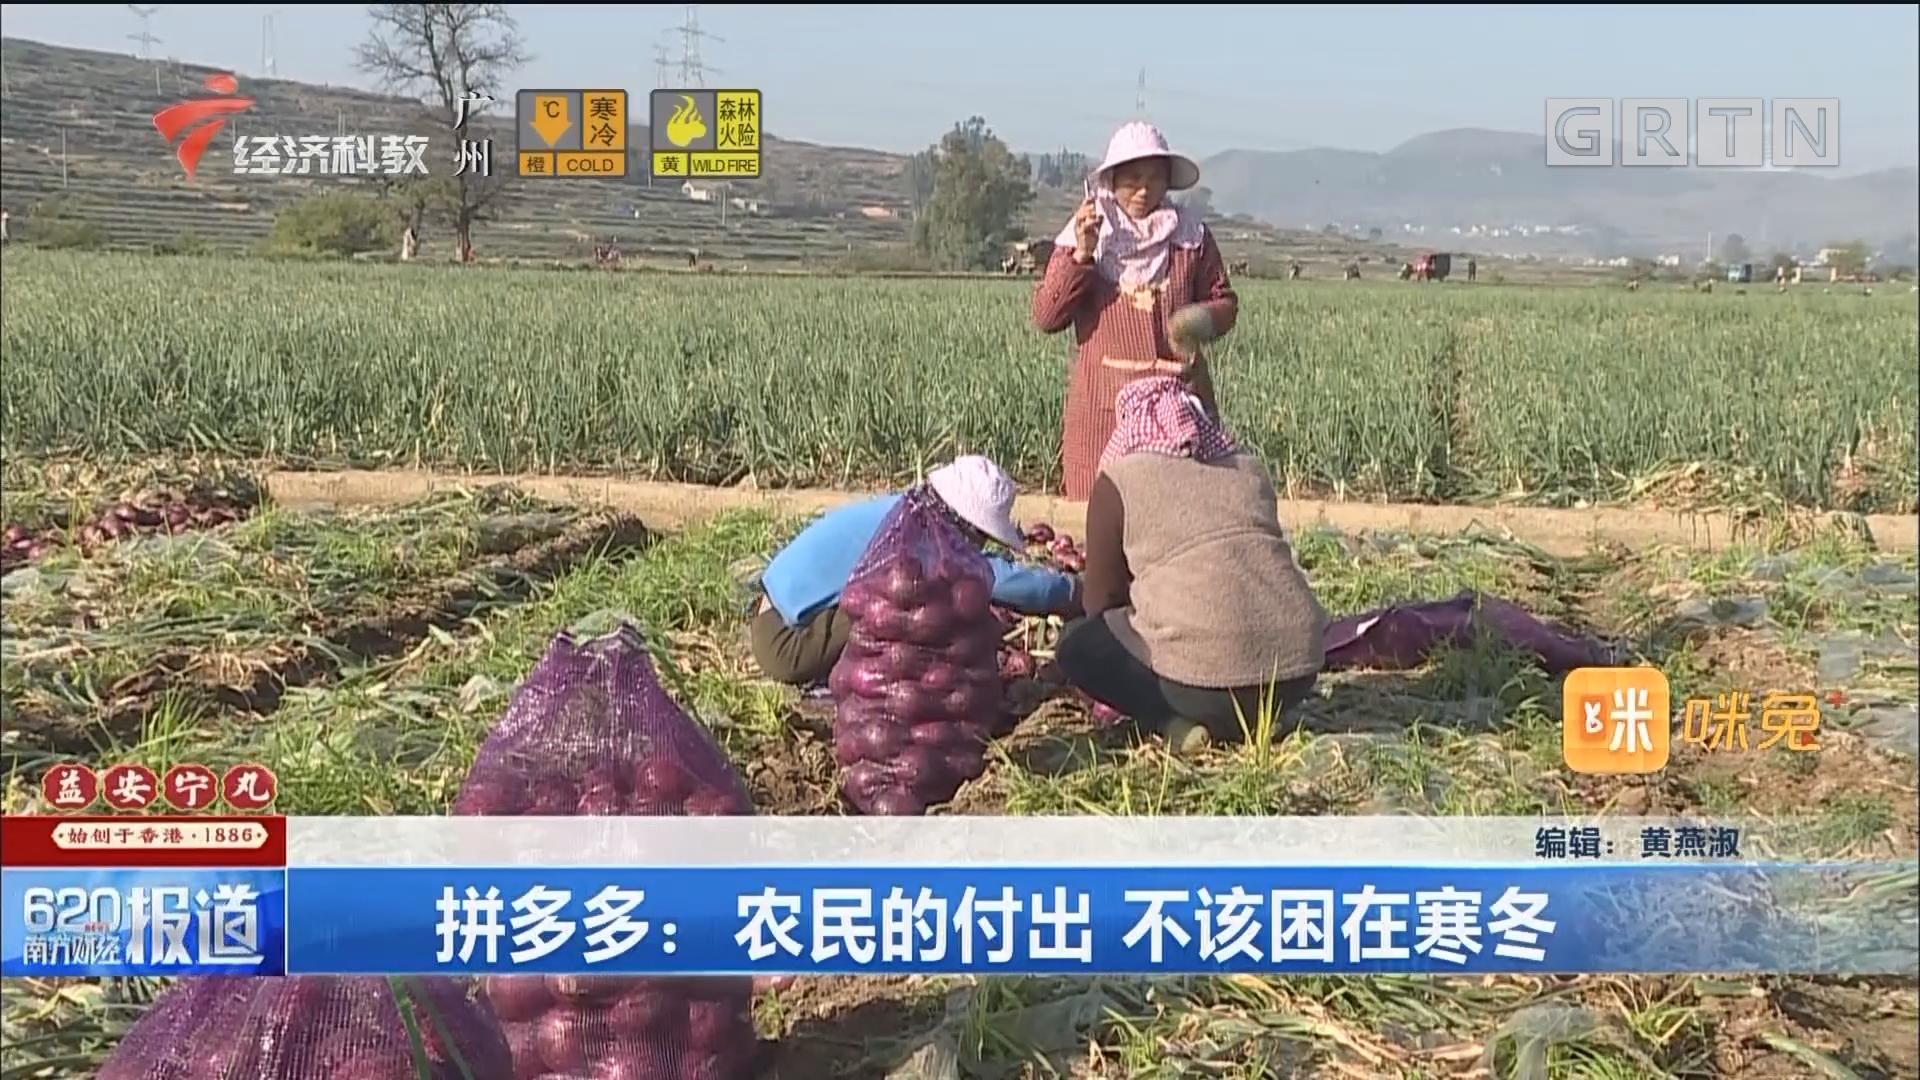 拼多多:農民的付出 不該困在寒冬